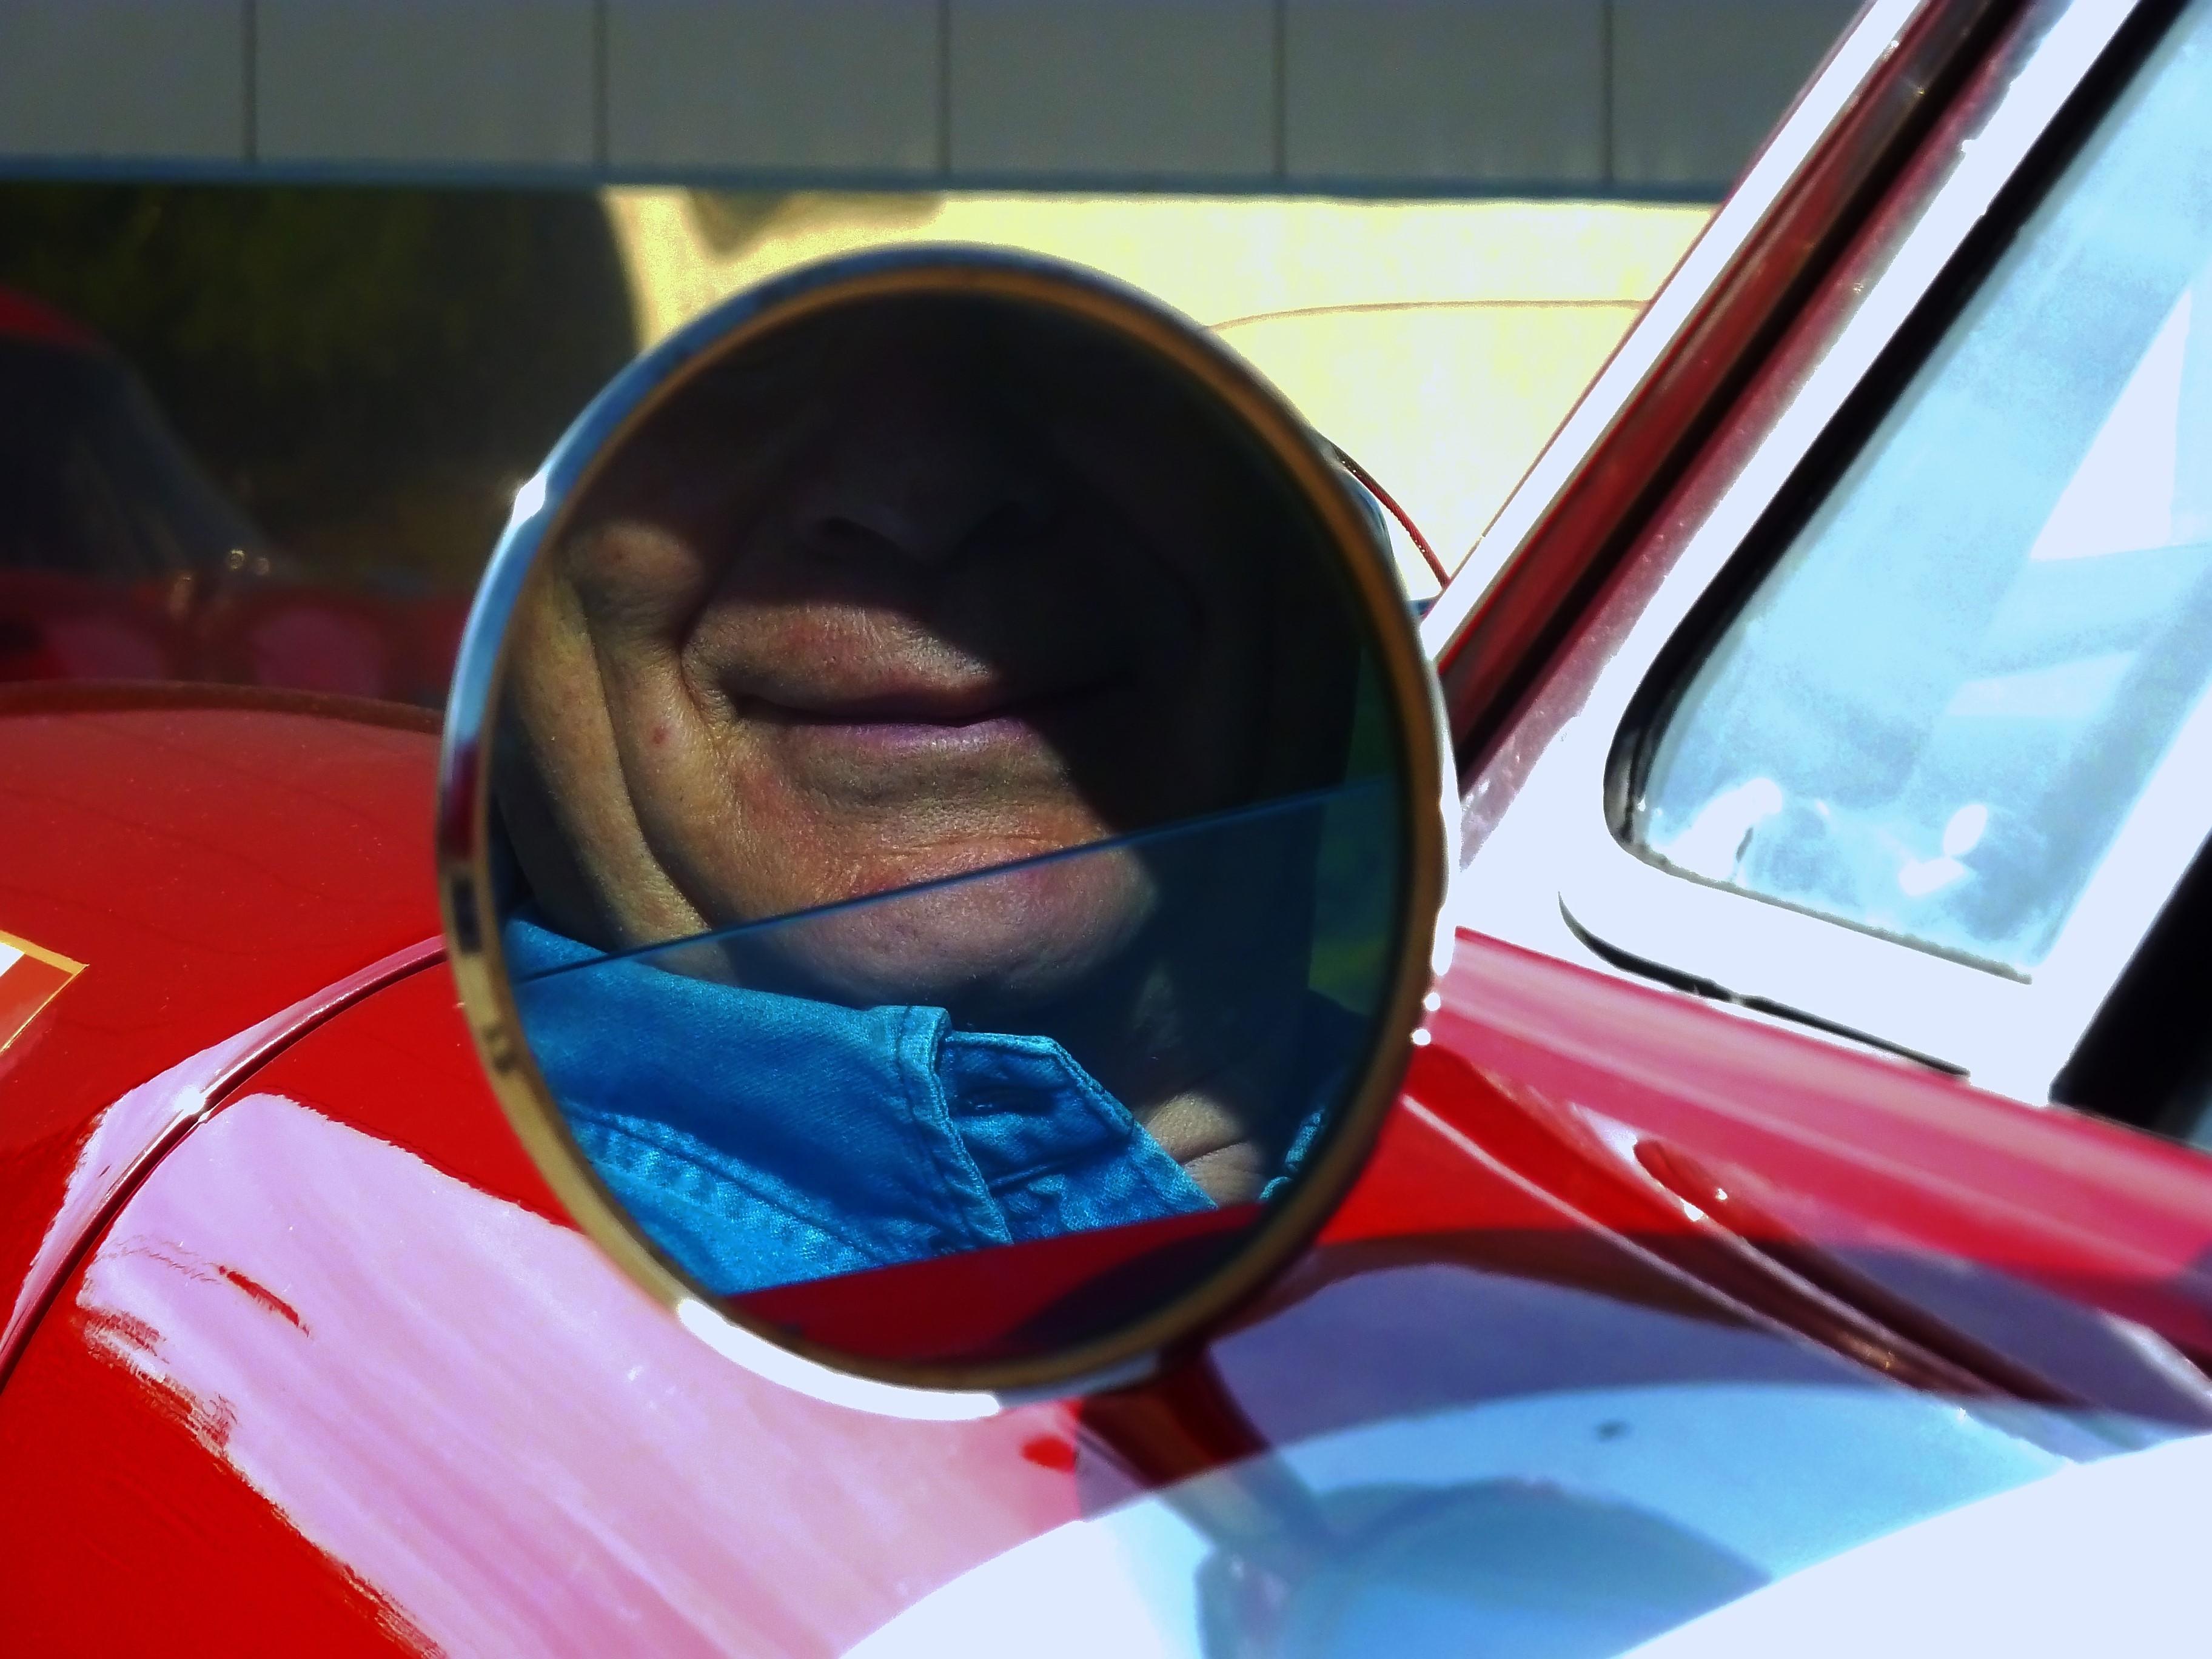 1961 Ferrari 250 GT SWB #2701 (5)_filtered